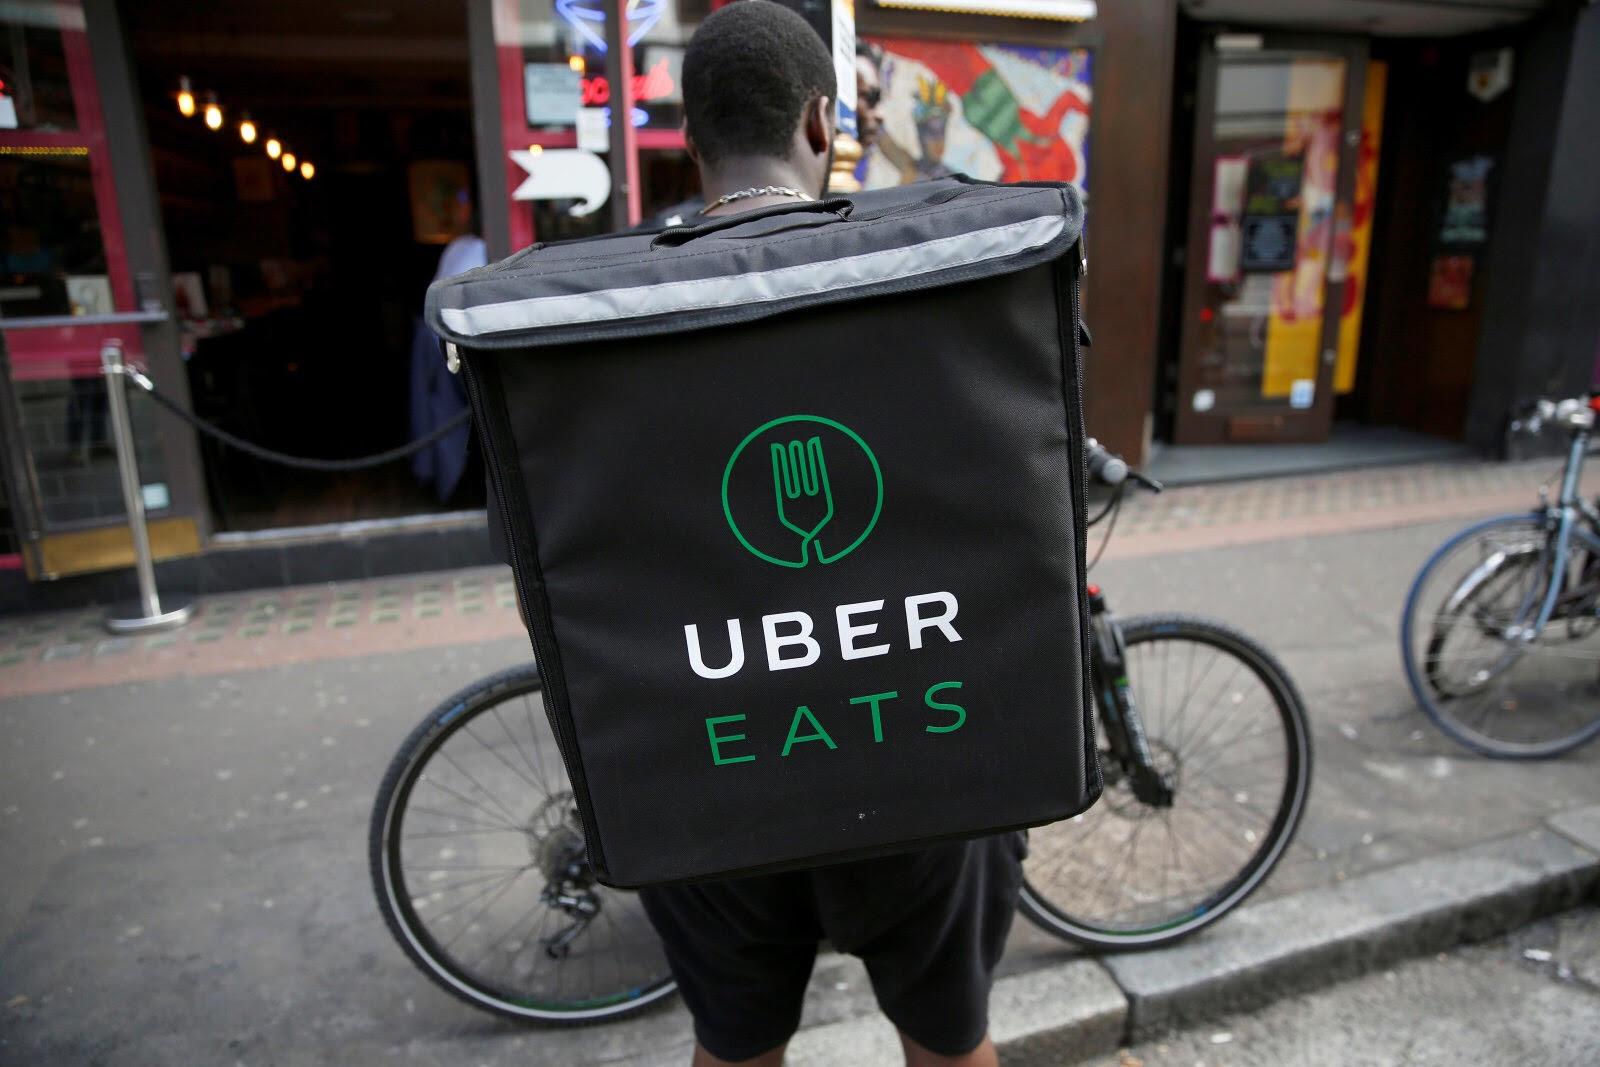 https://cdn2.hubspot.net/hubfs/1564584/Uber%20Eats.jpg